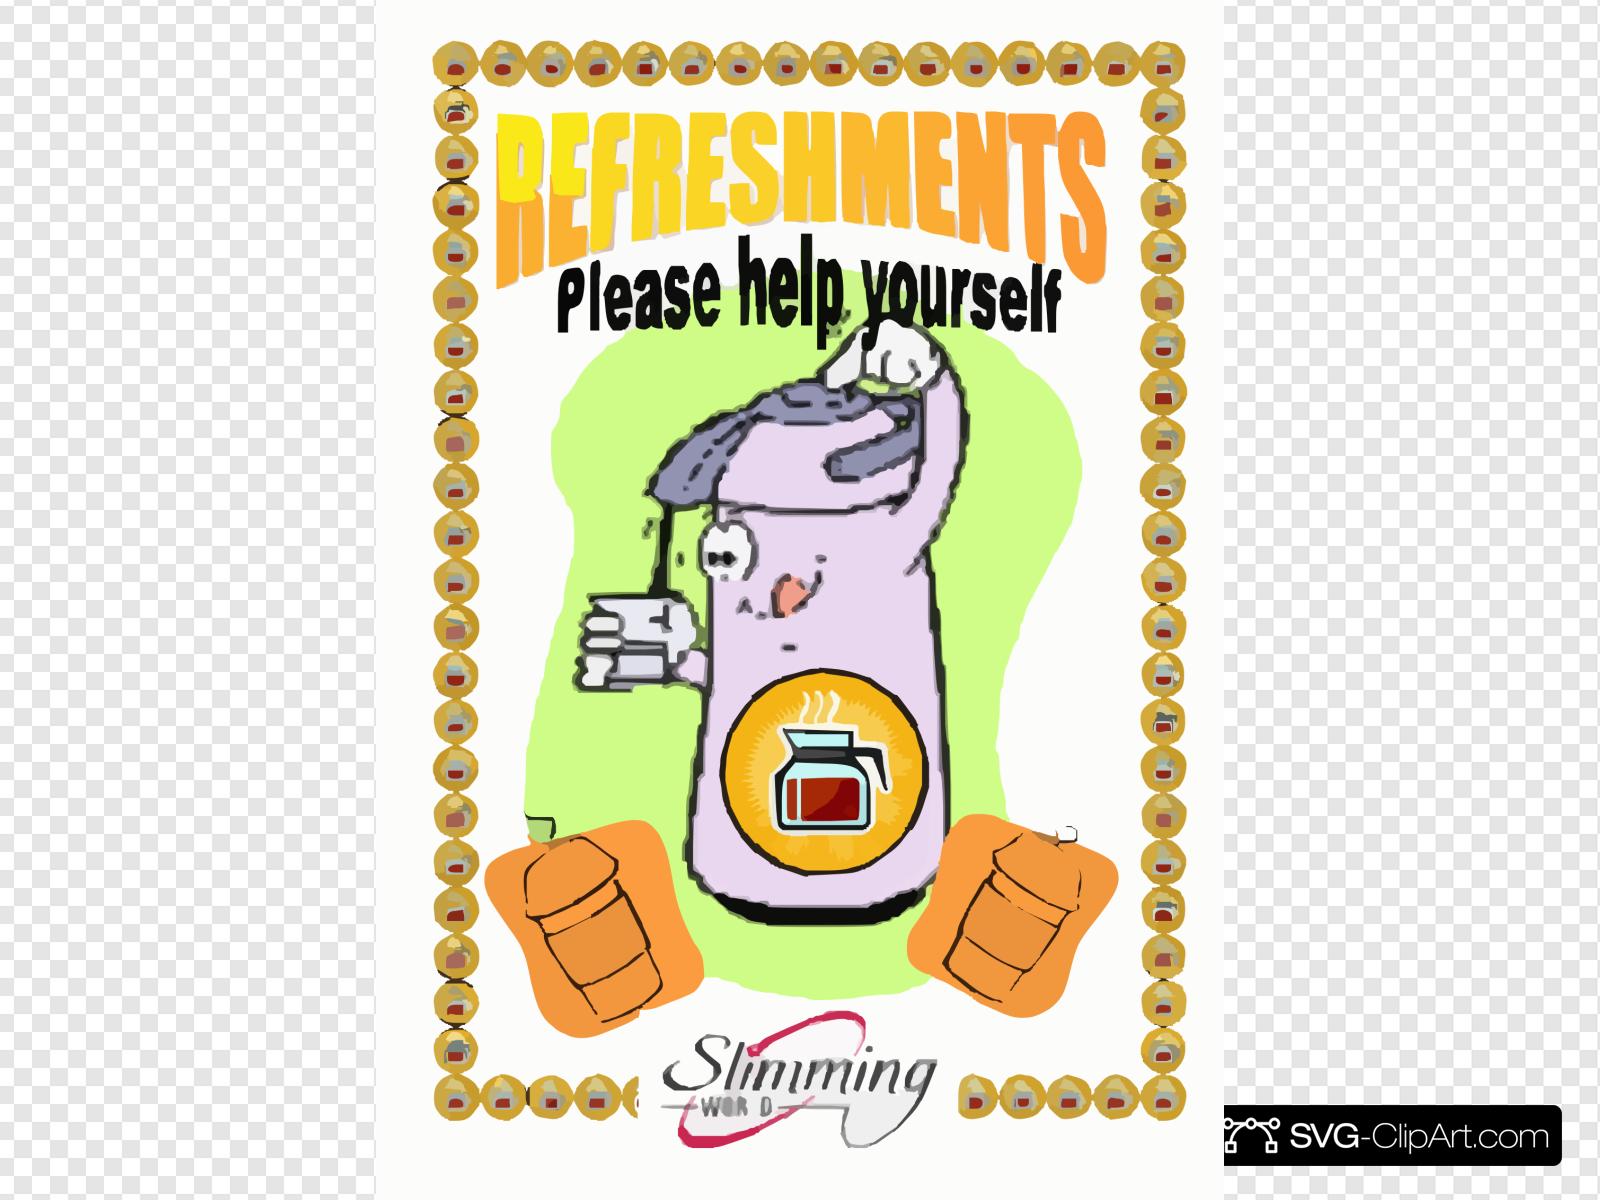 Refreshments Clip art, Icon and SVG.